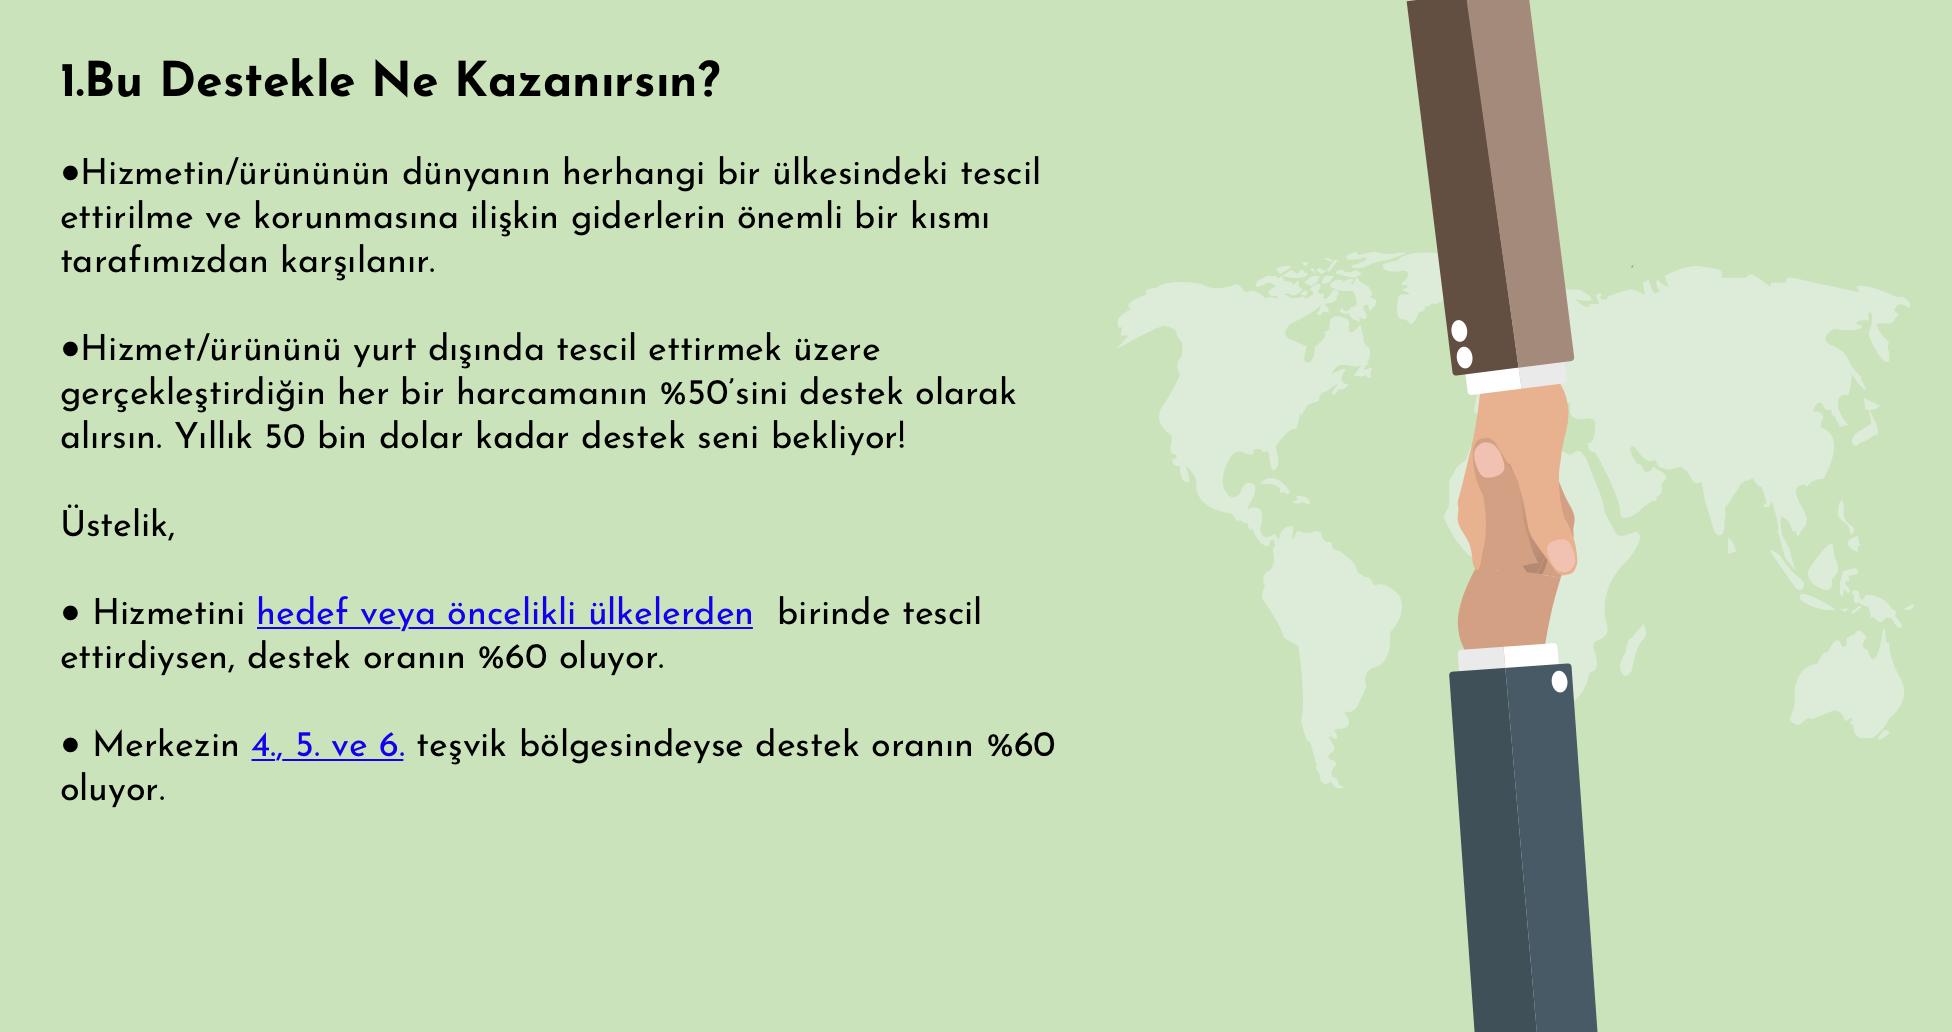 http://novatesvikler.com/wp-content/uploads/2021/02/Bu-Destekle-Ne-Kazanirsin.png